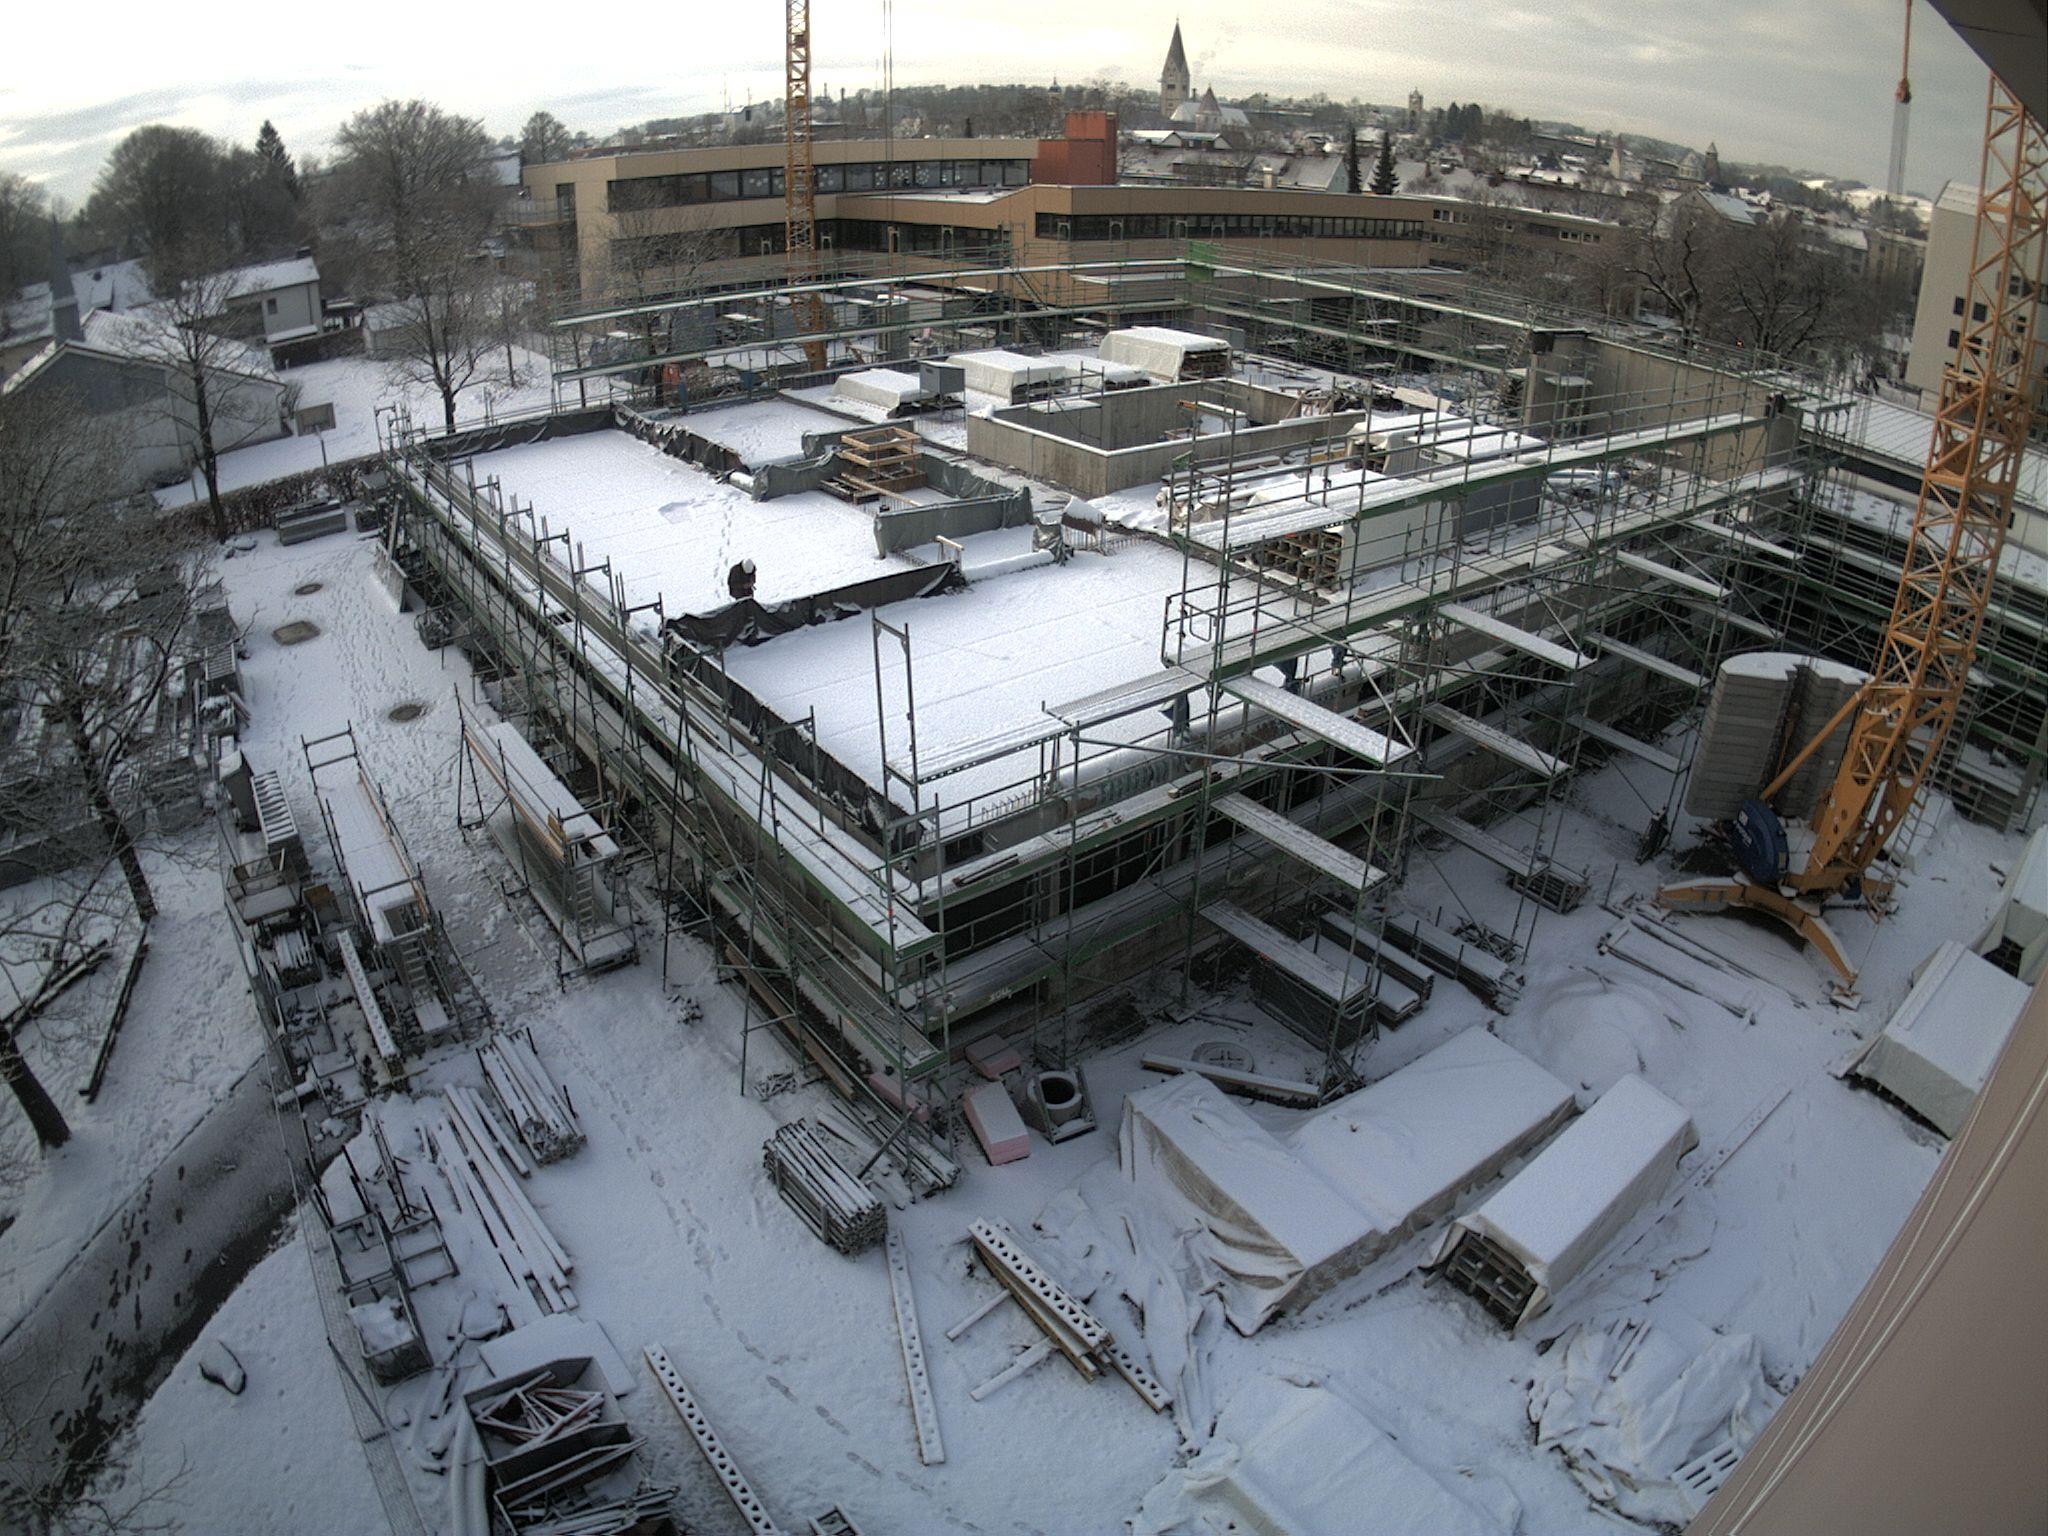 Weihnachtspause für die Baustelle: Ein Mitarbeiter von mse architekten aus Kaufbeuren, die die Bauleitung übernommen haben, wirft noch einen prüfenden Blick auf die Schutzfolien.